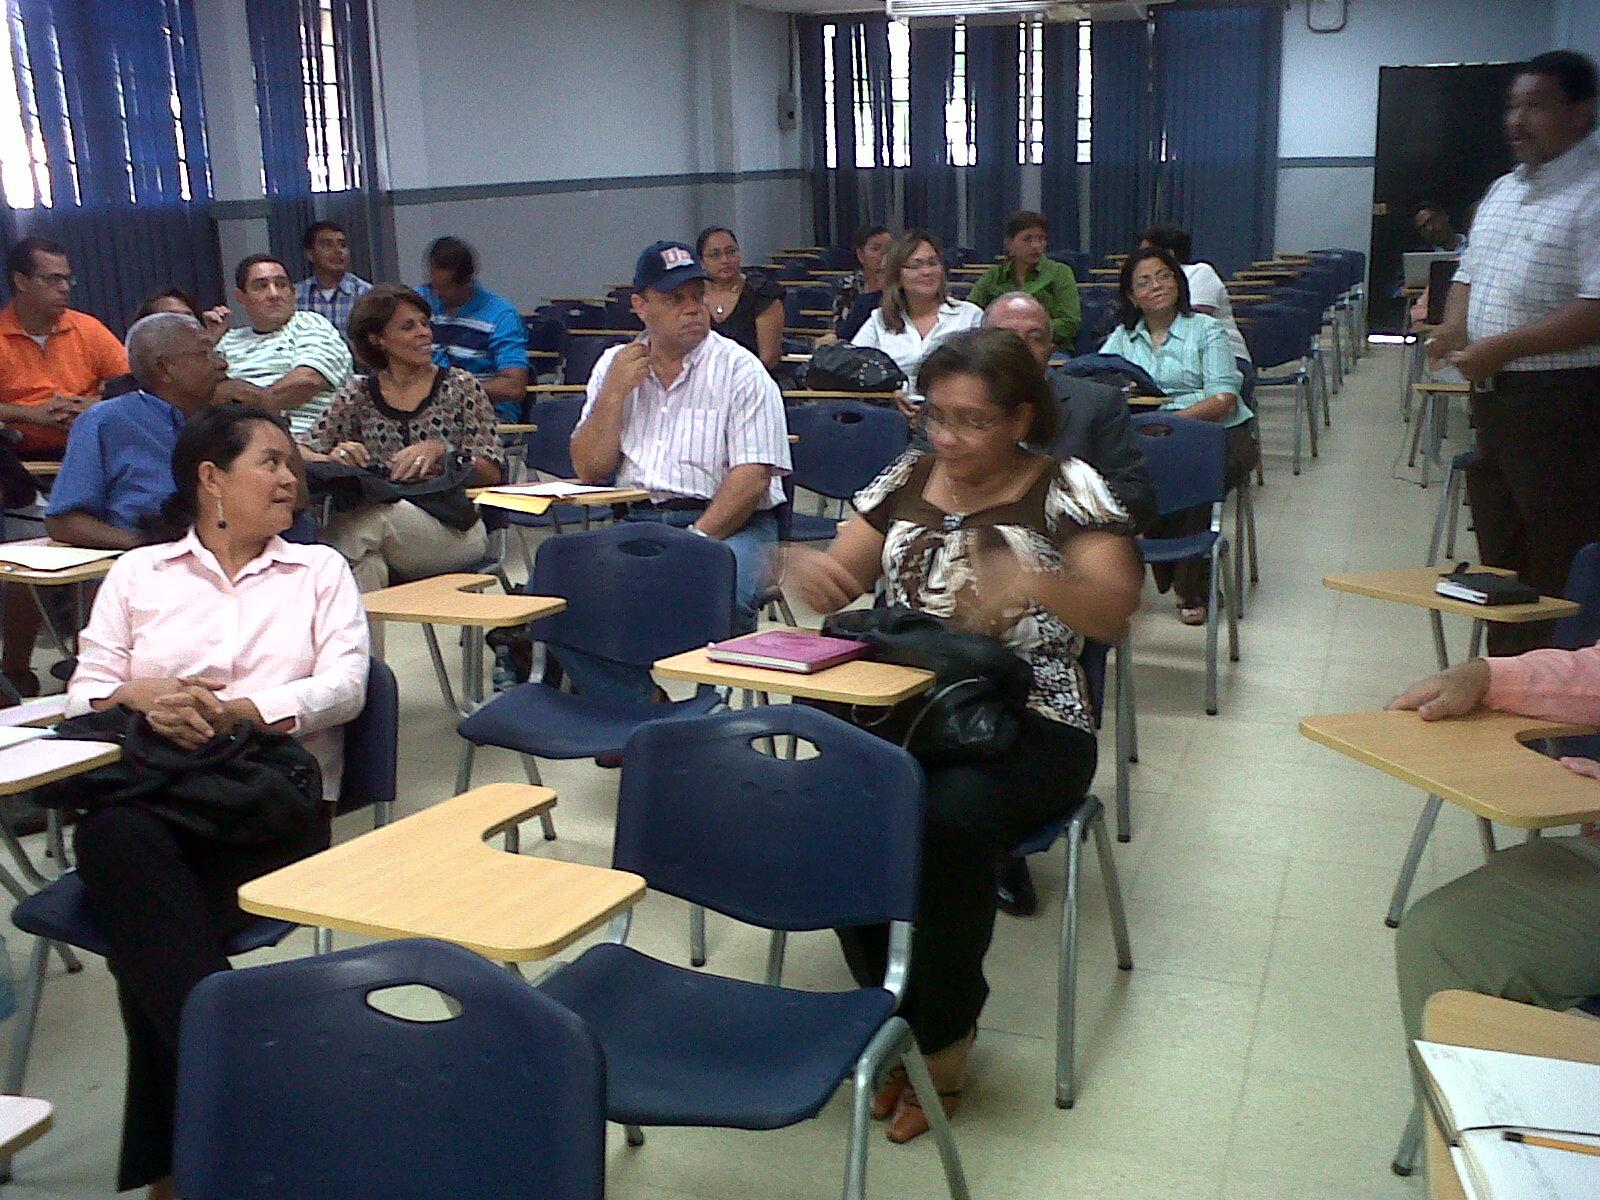 Universidad ISAE Panamá - Photos